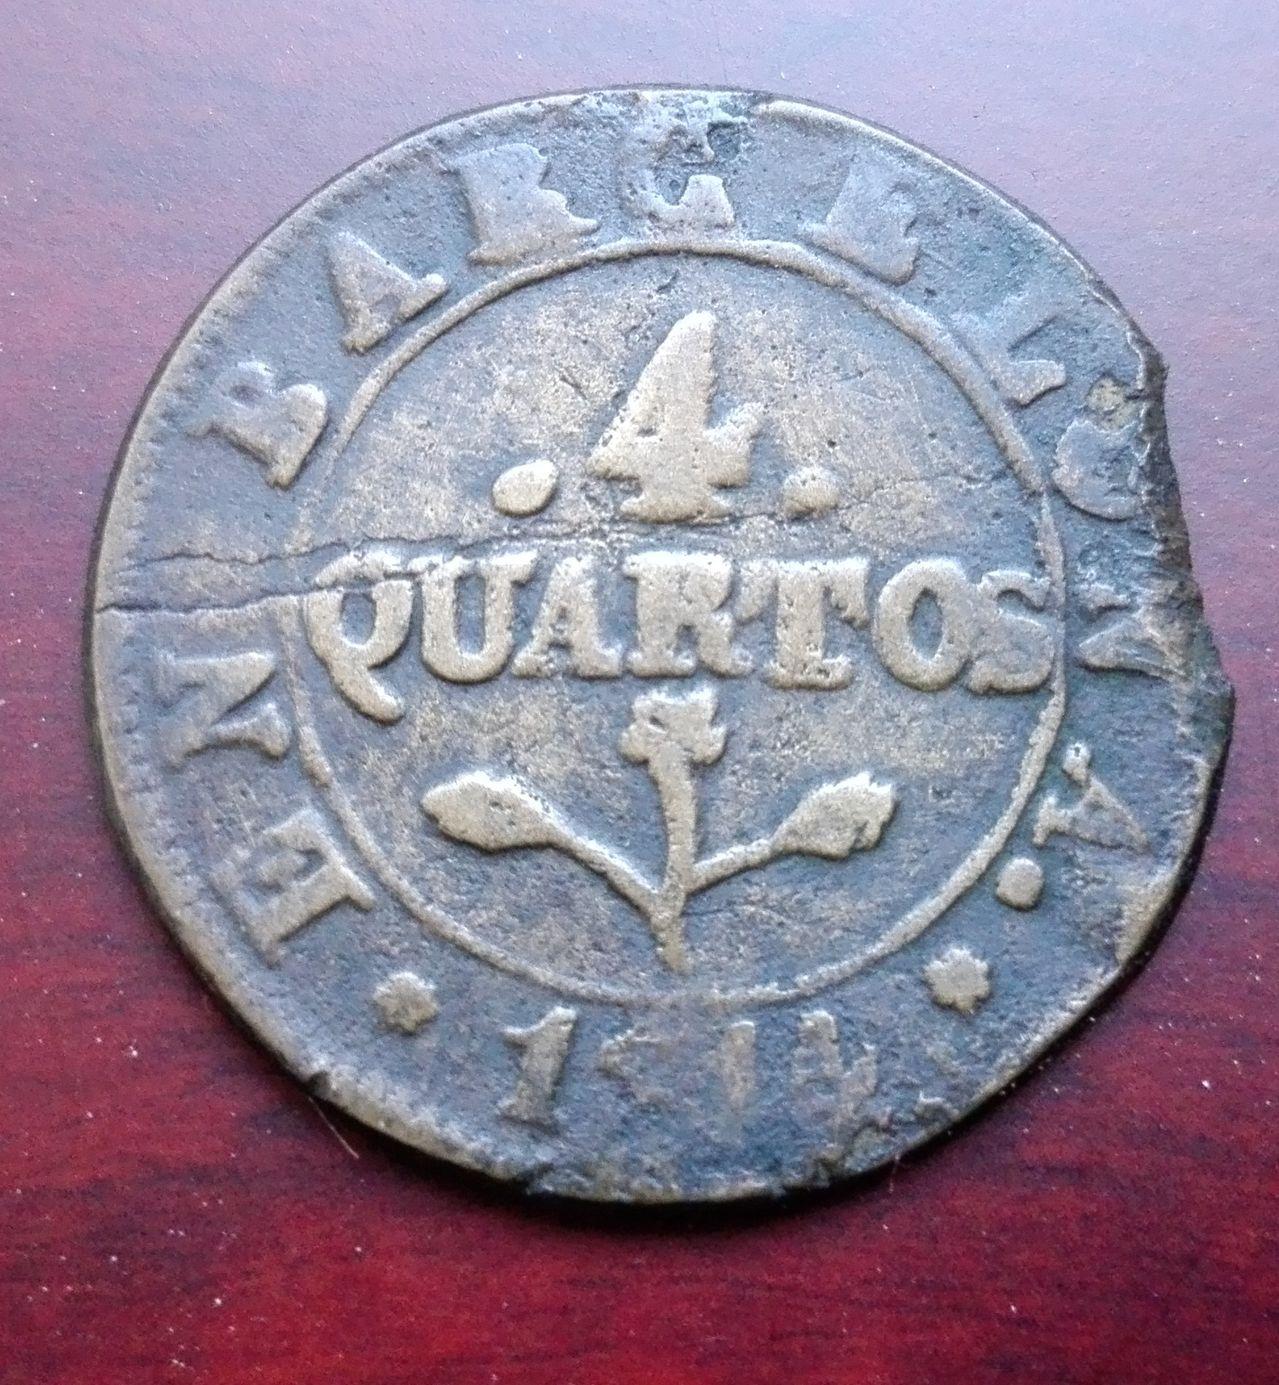 4 cuartos 1814, Barcelona 4_cuatros_1814